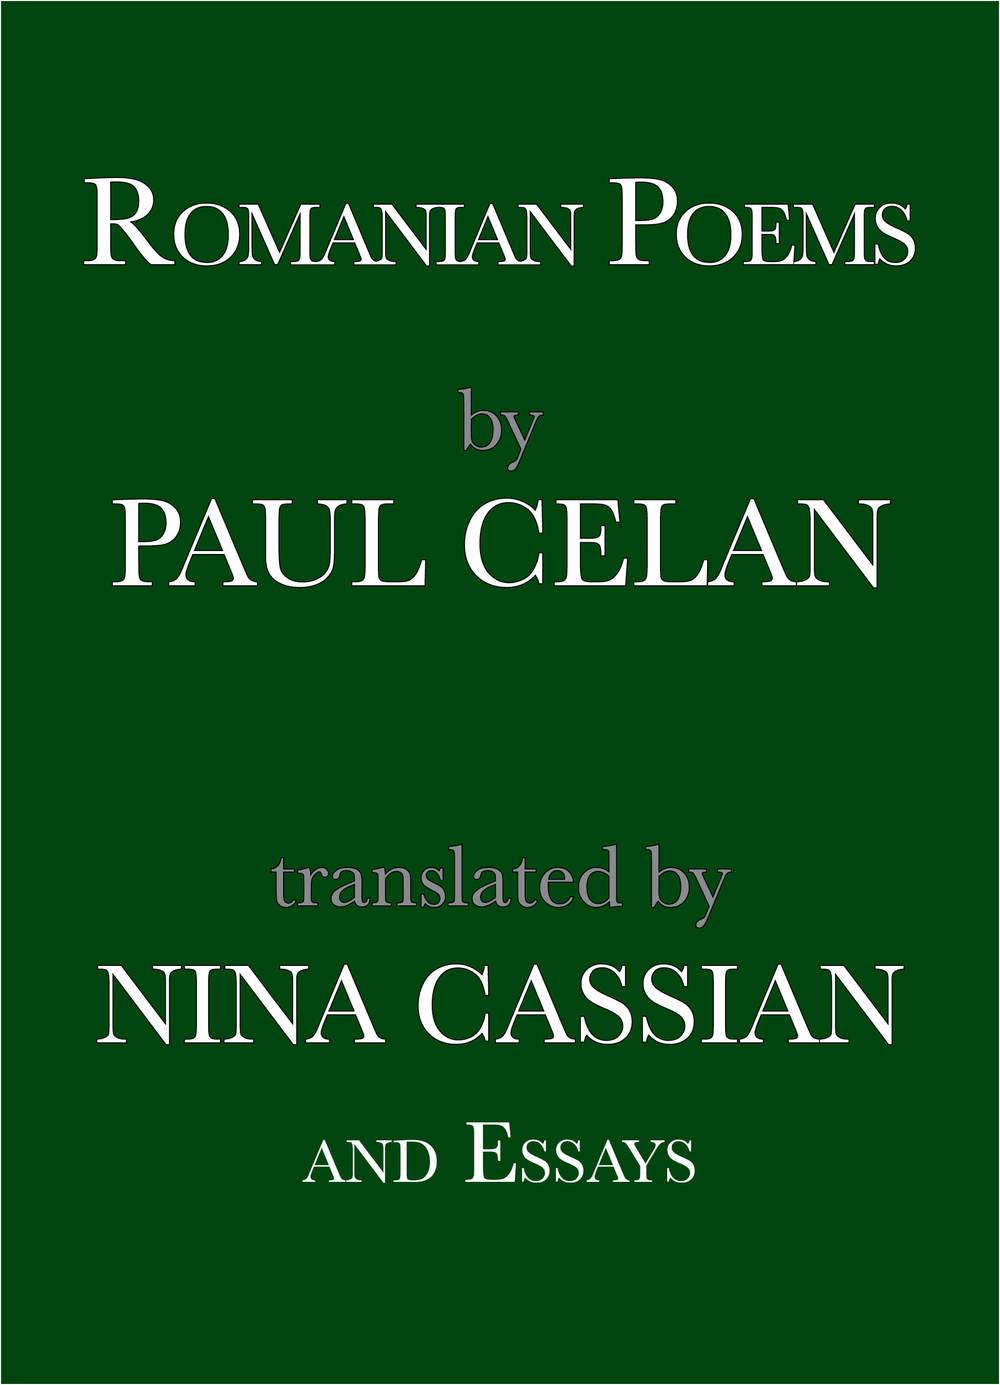 Celan_Cassian_Cover.jpg